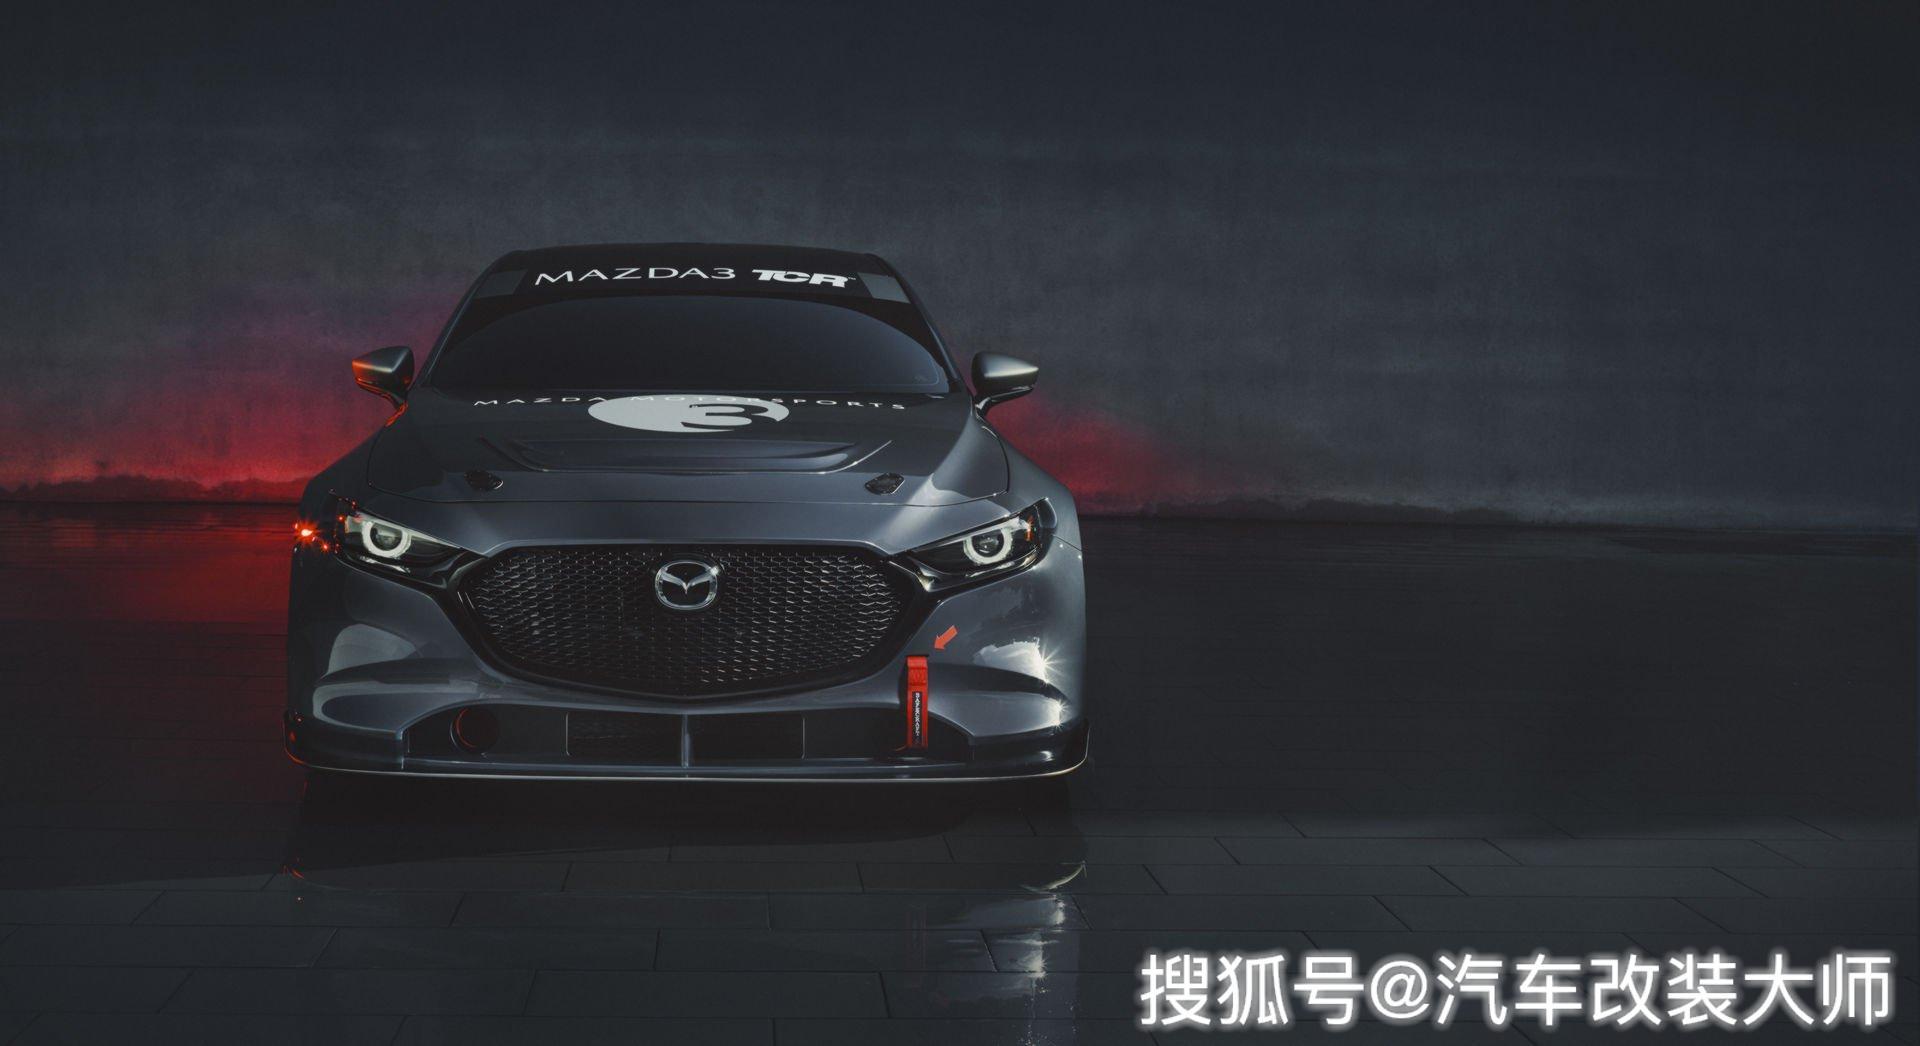 马自达Mazda3 TCR的发布,房车赛车加入新活力